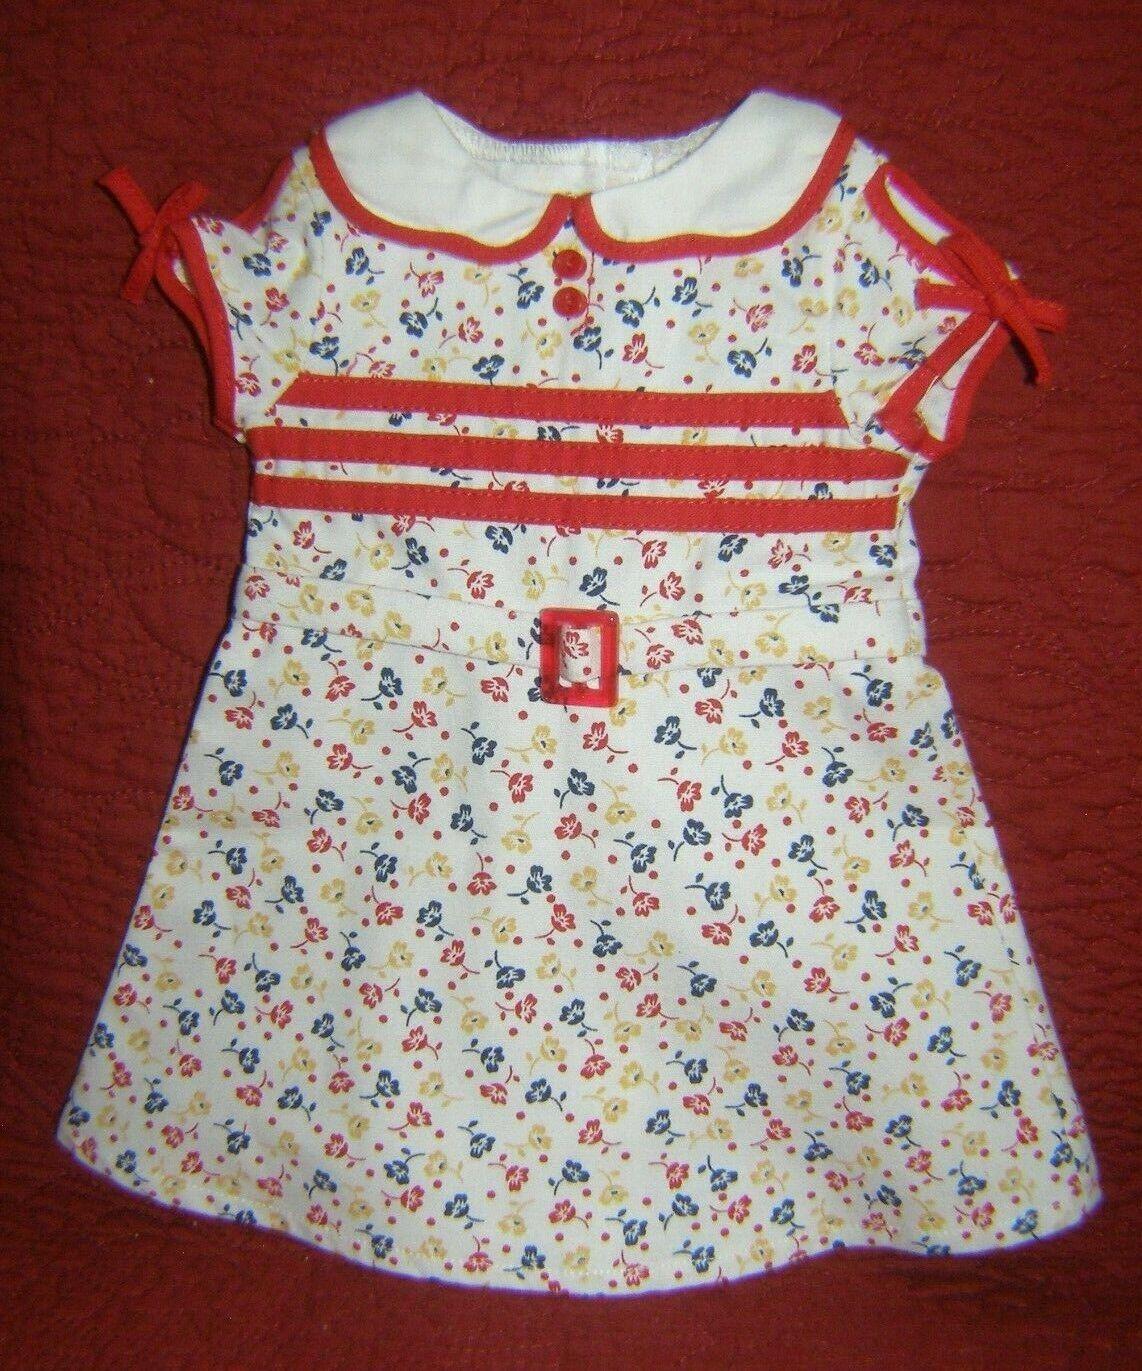 AMERICAN GIRL Kit s Reporter Dress - $16.99